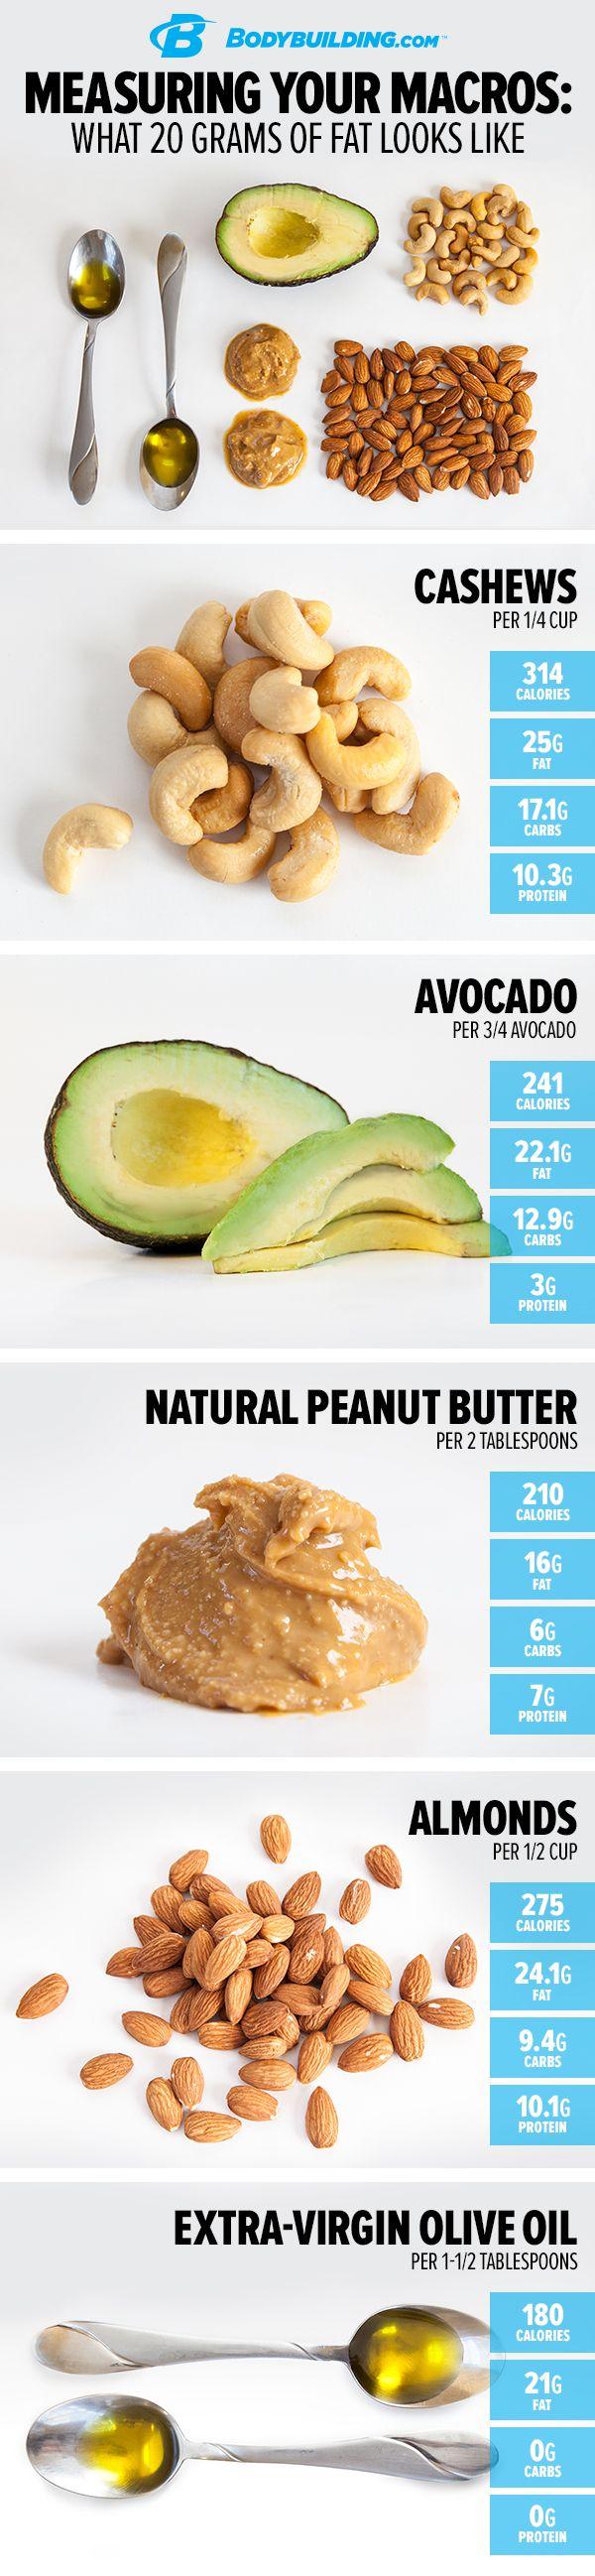 Los aceites más esenciales, minerales y vitaminas necesarios para nuestra salud